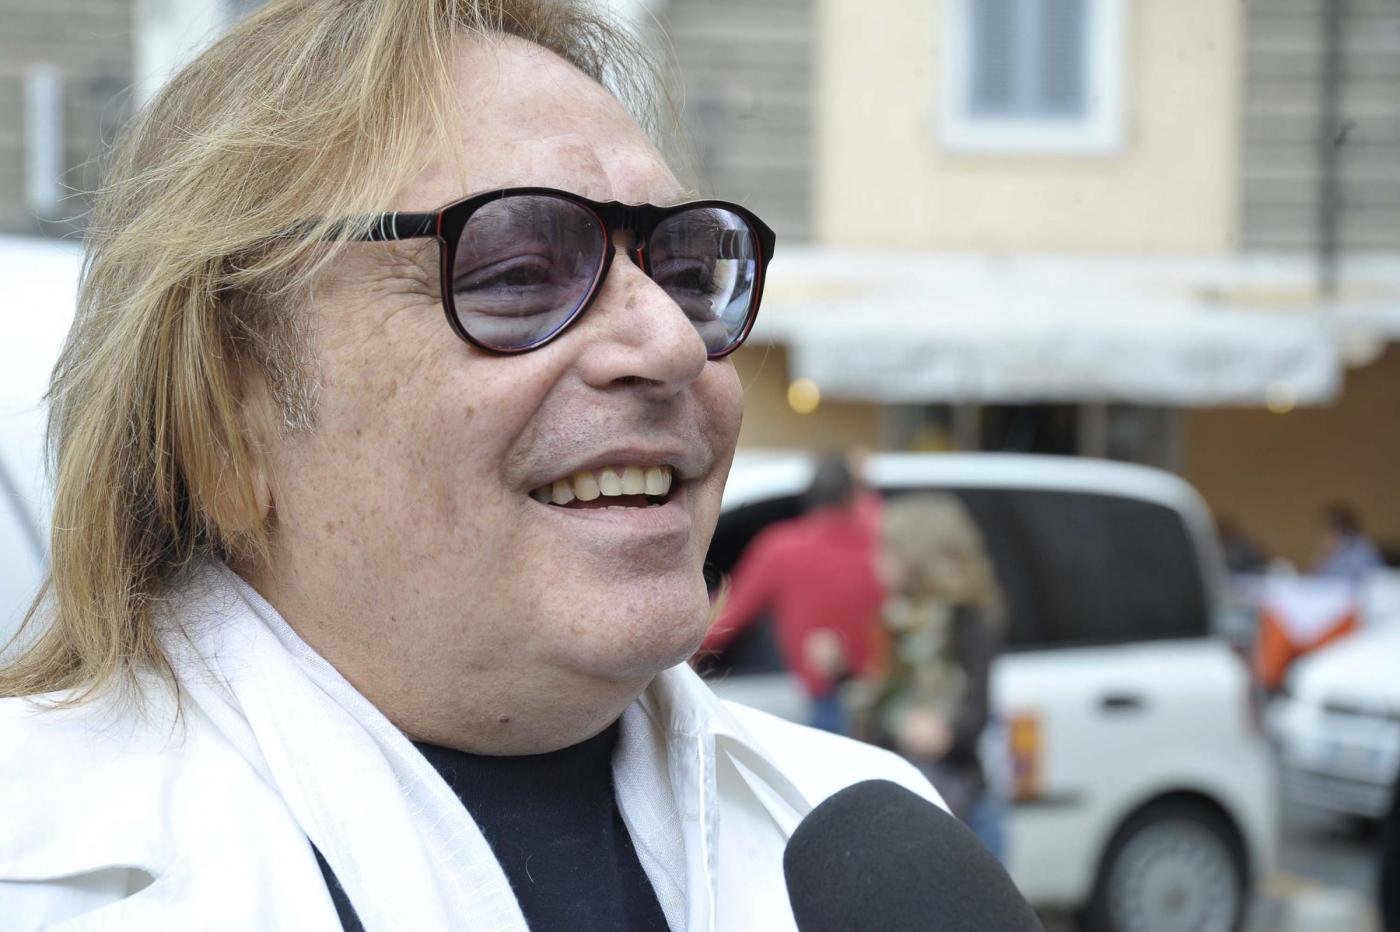 Mara Venier attaccata da Leopoldo Mastelloni: 'E' la peggiore'